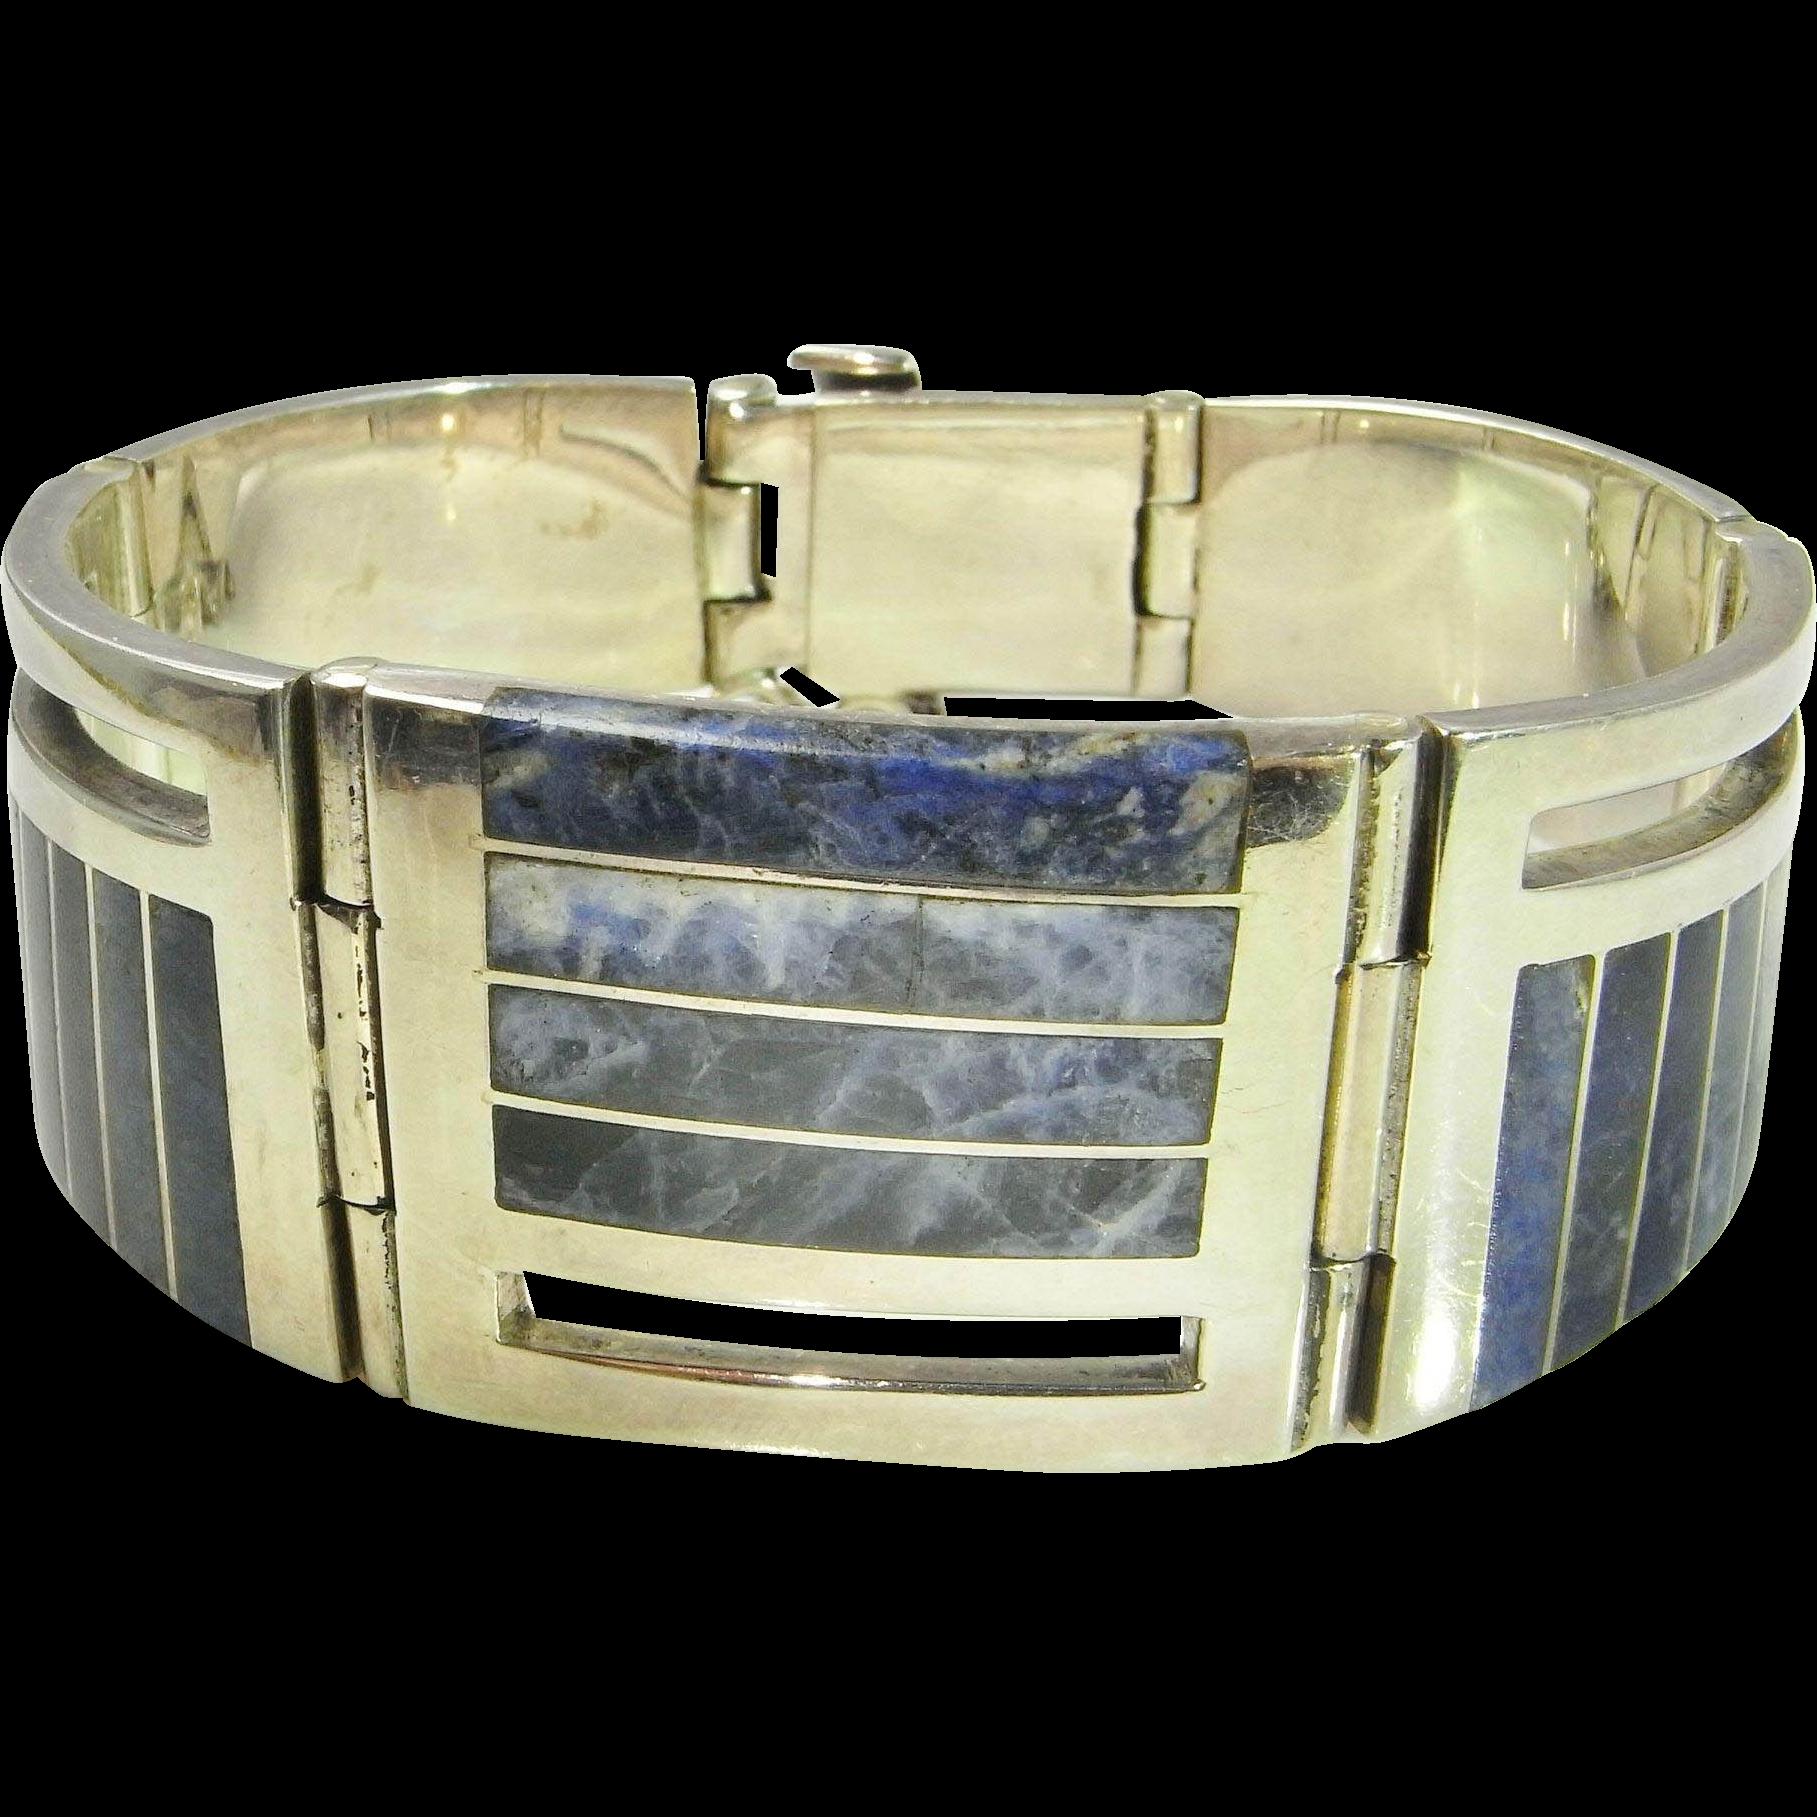 Sodalite Bracelet Sodalite Jewelry Unisex Bracelet Inlay Jewelry